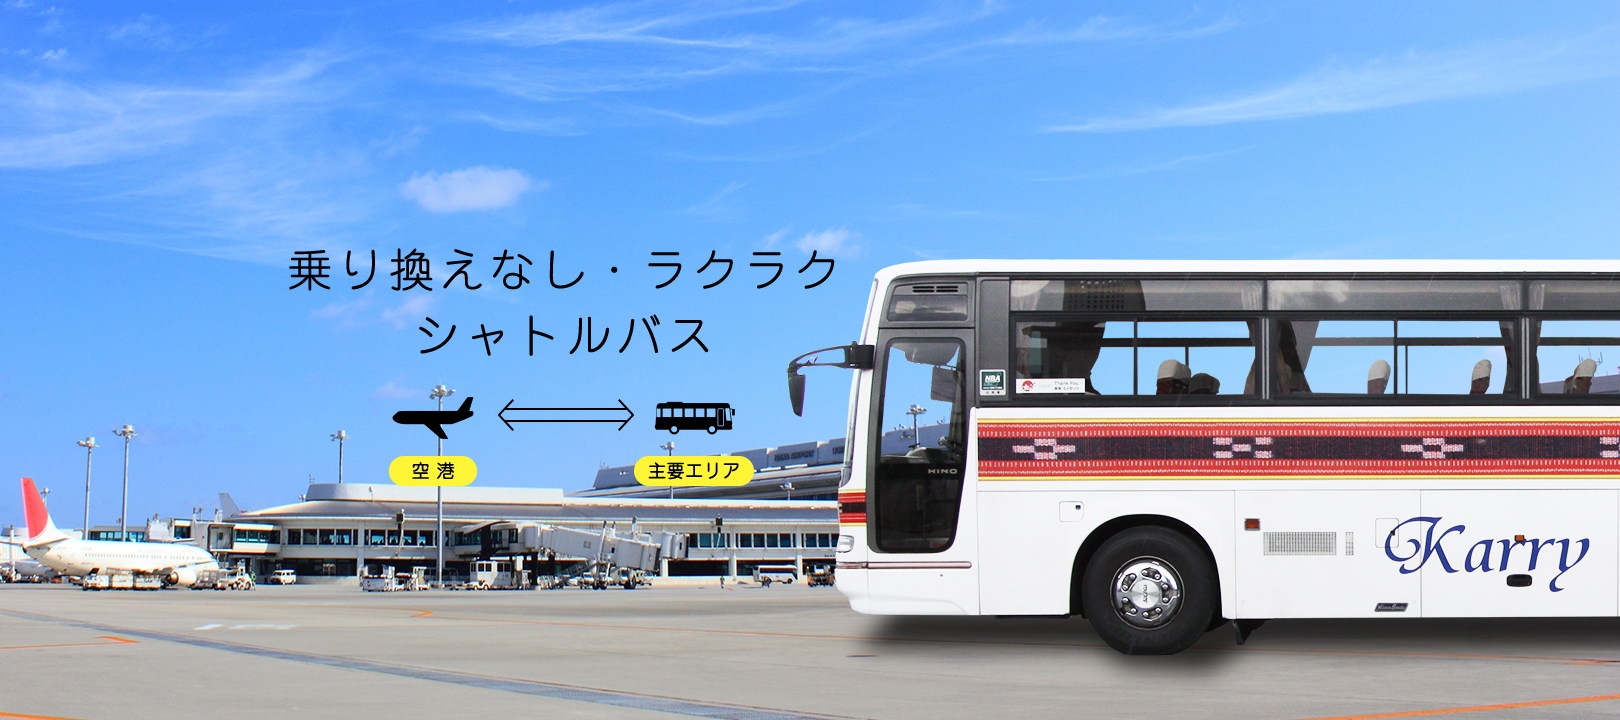 乗り換えなしらくらくシャトルバス